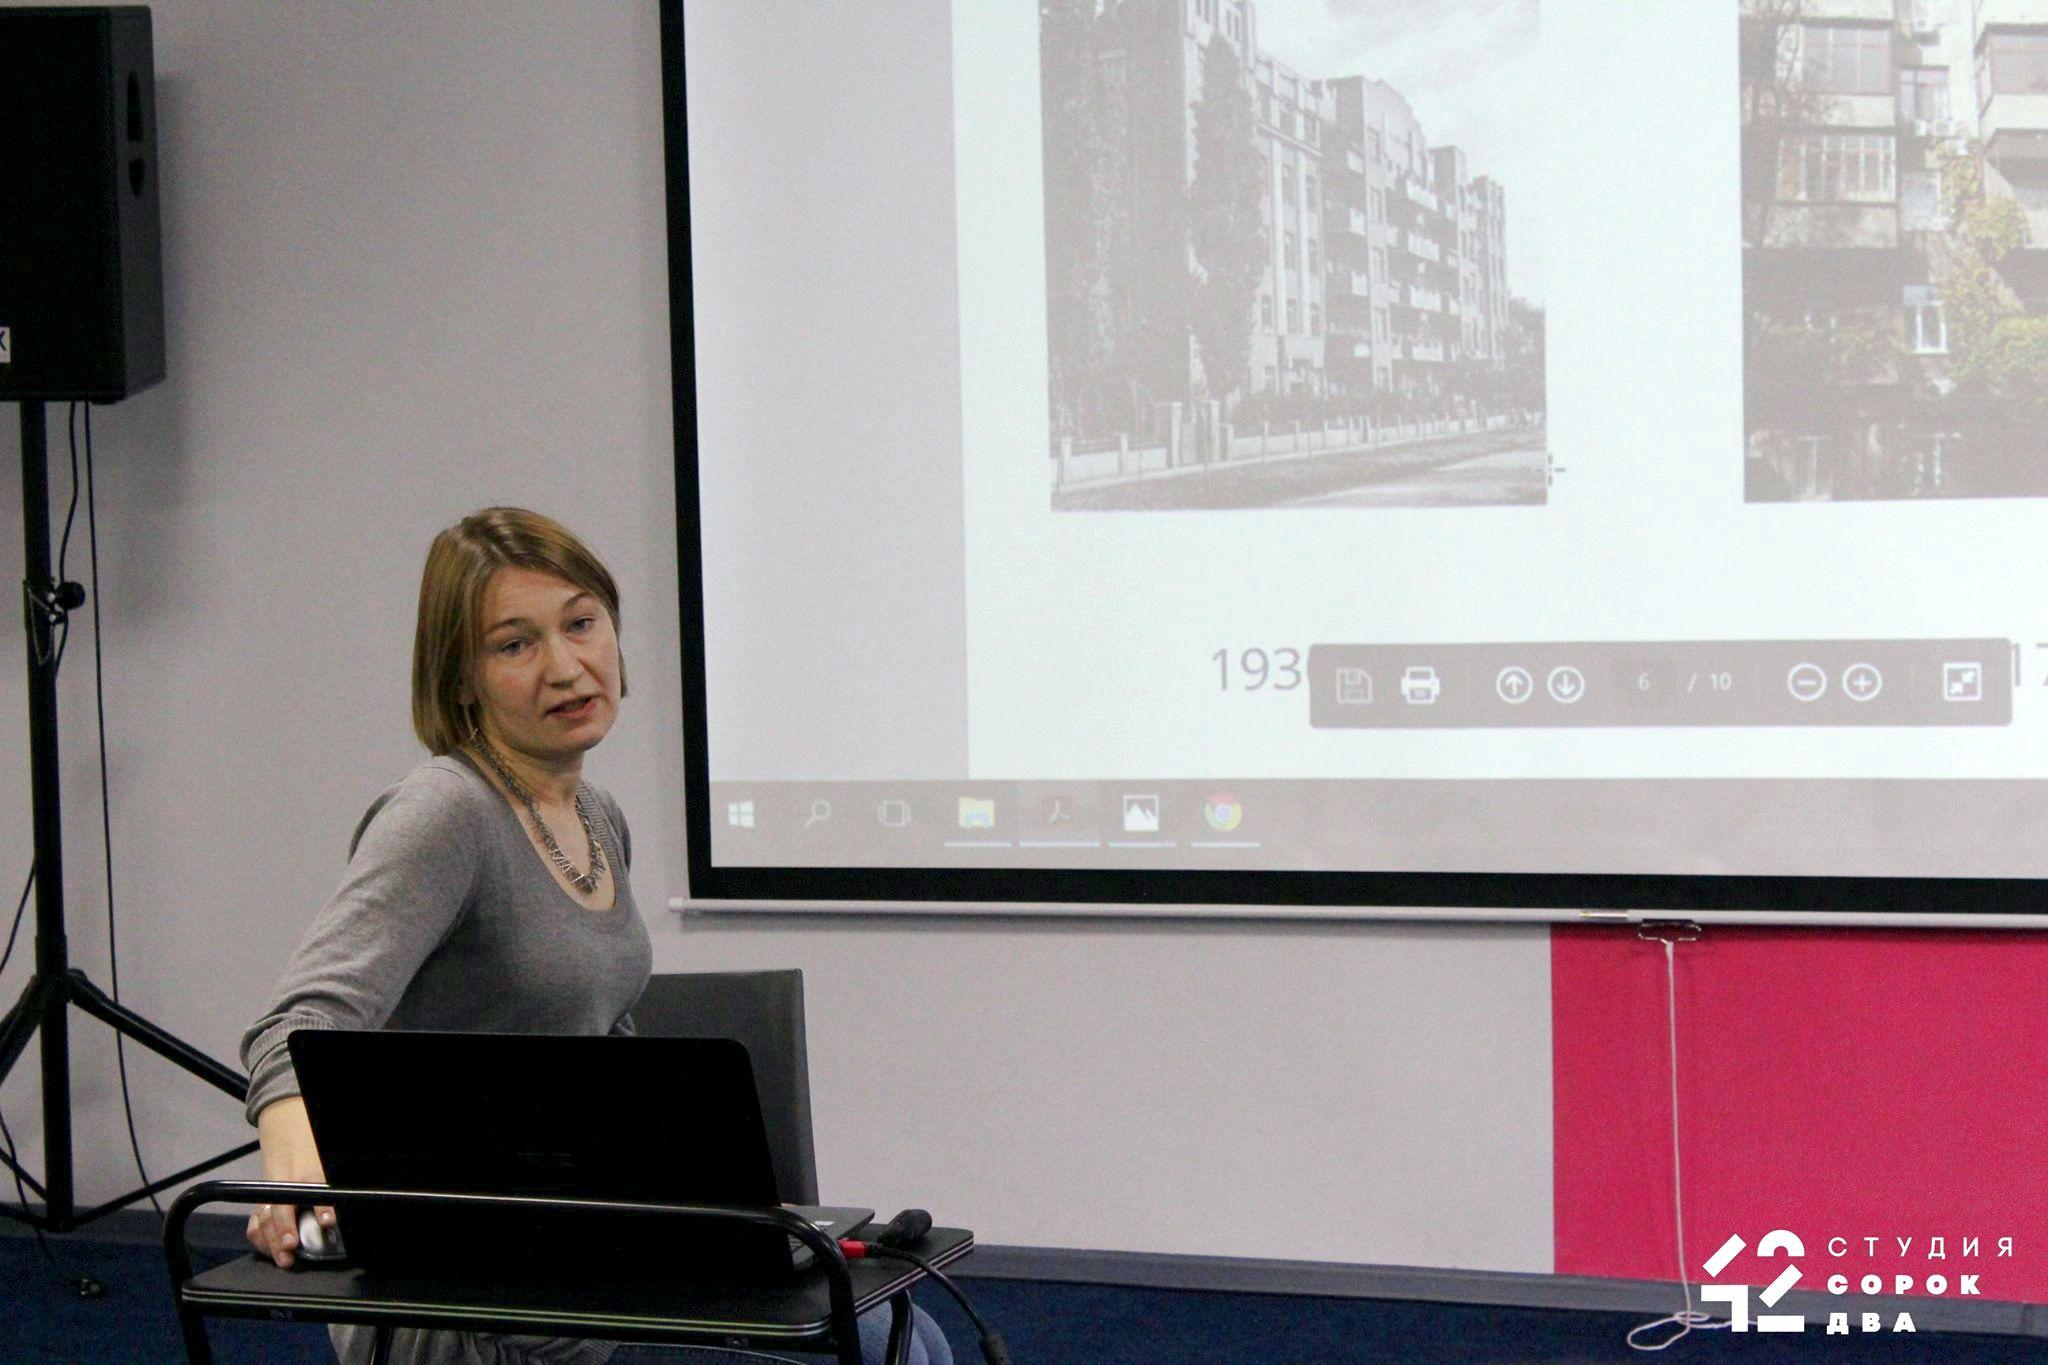 Анастасія Ковальова. Фото - Хаб соціальної активності «Студія 42»